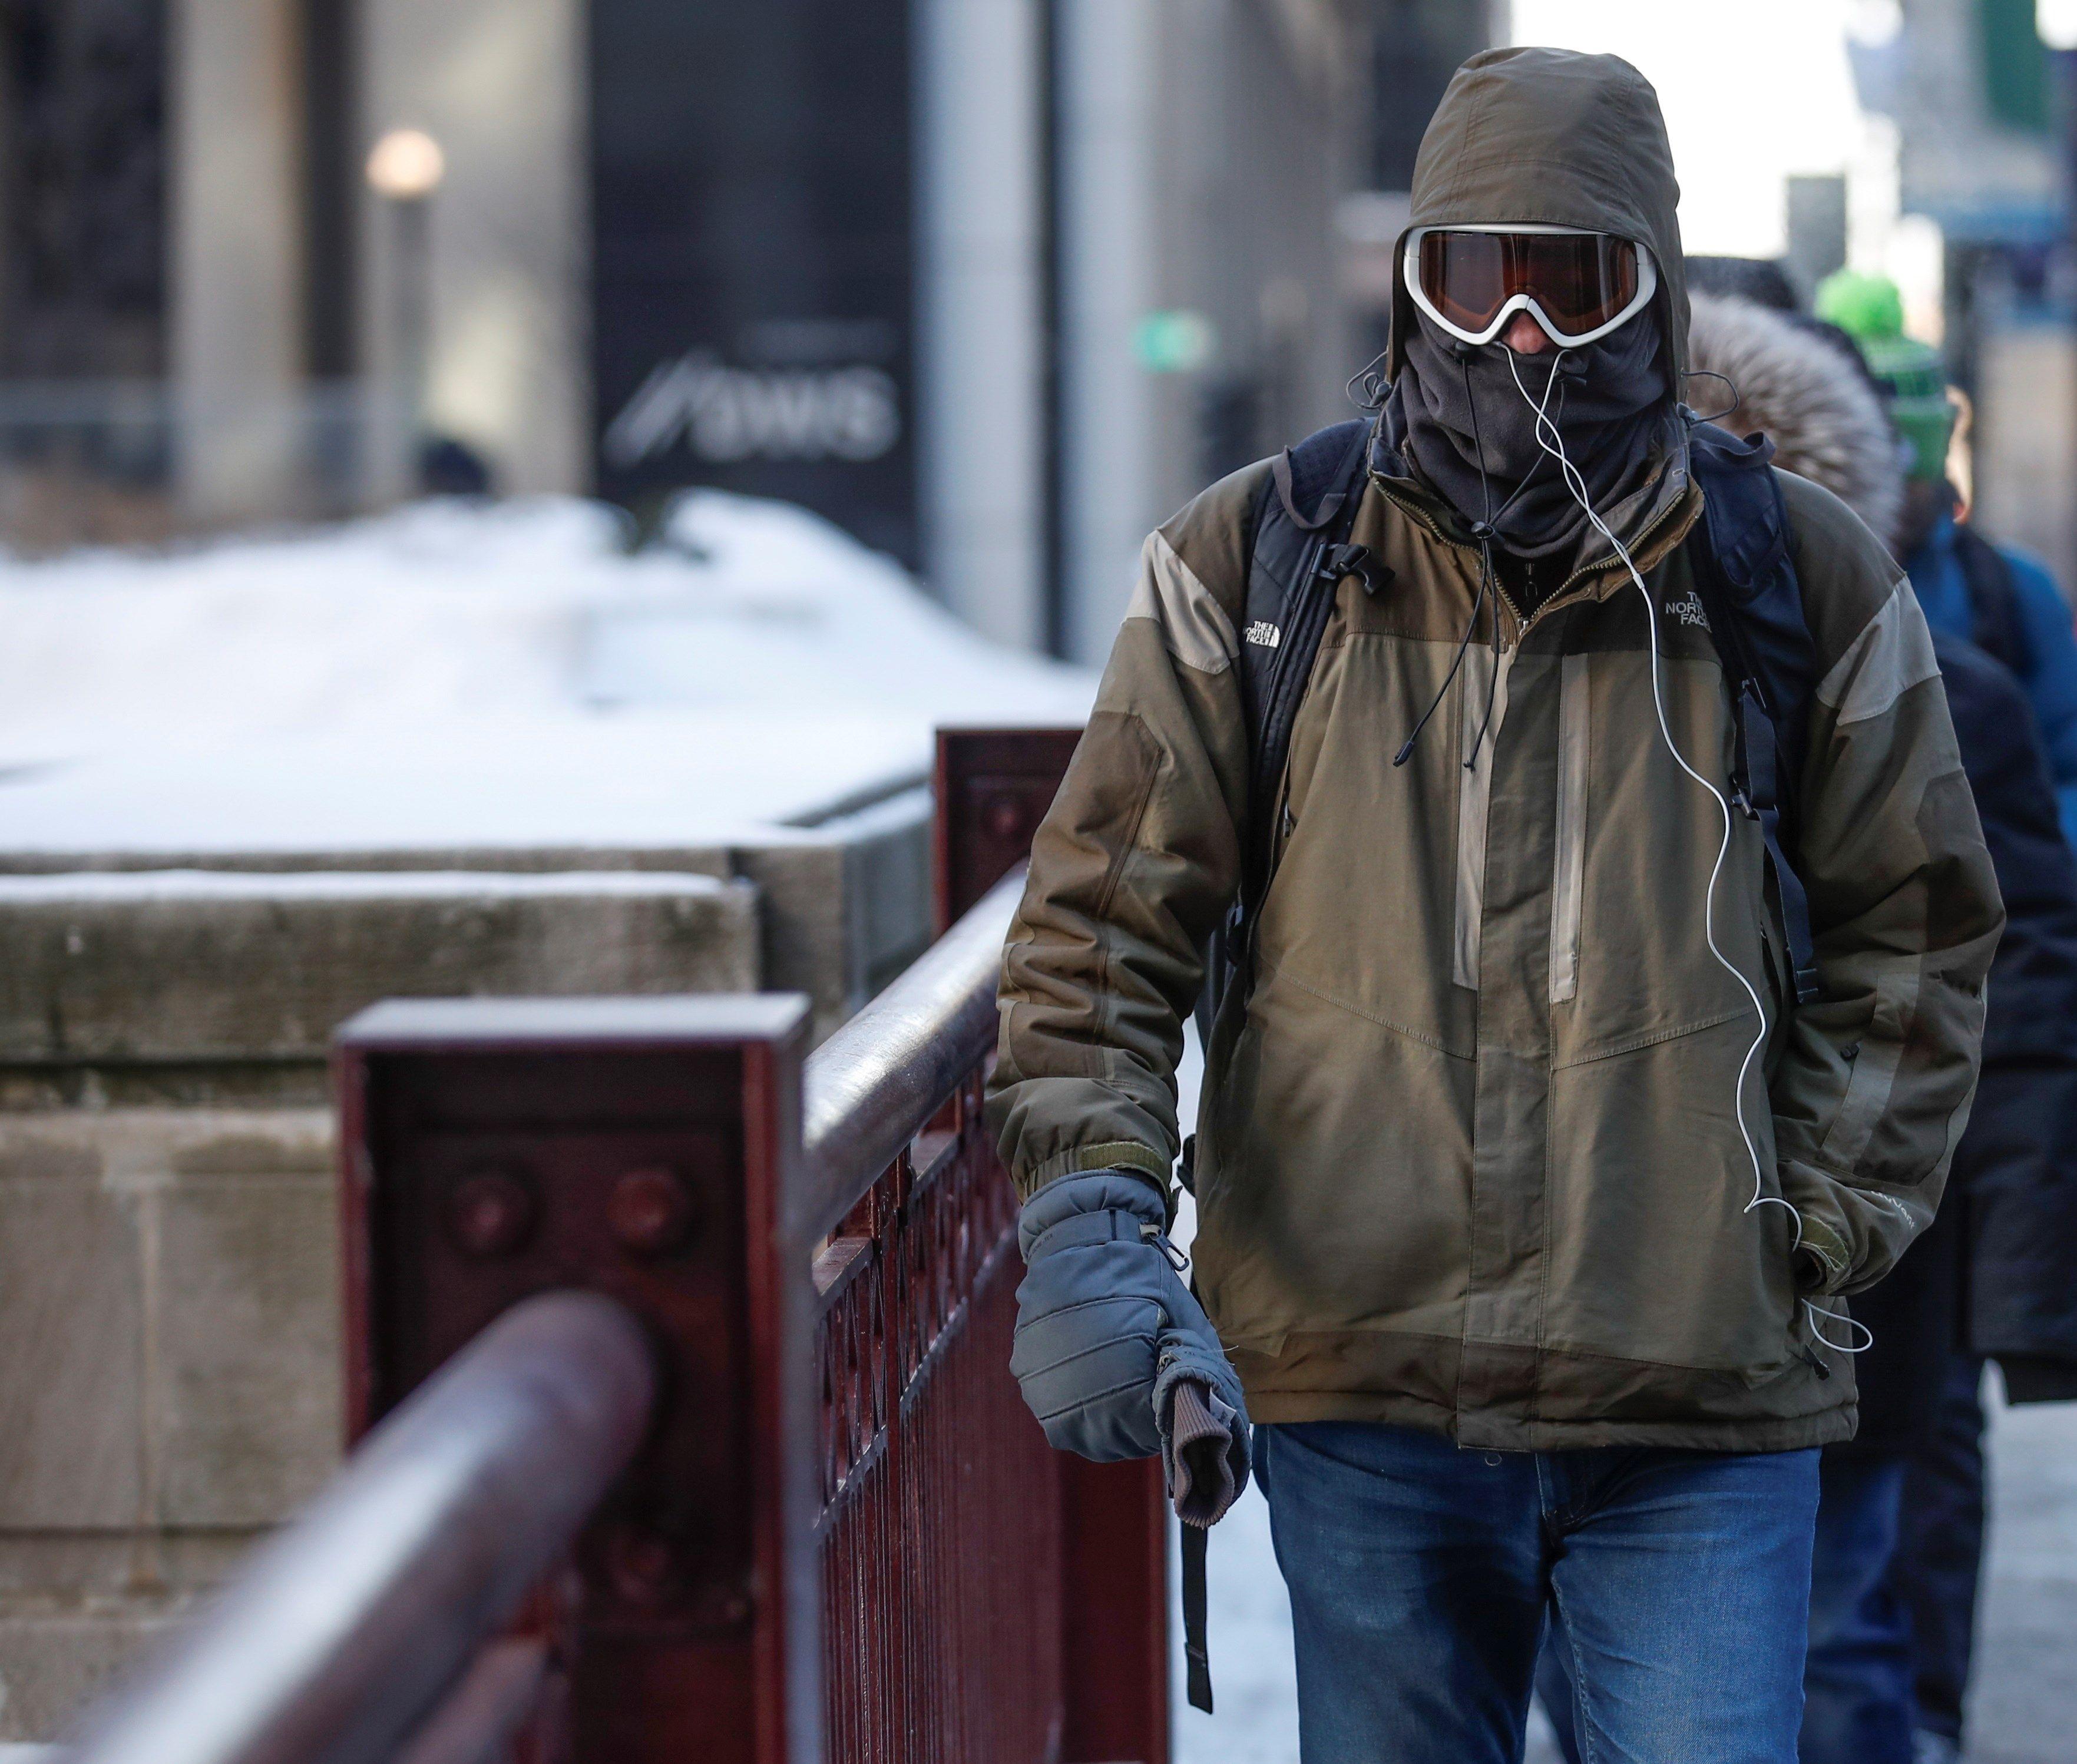 Se ha recomendado a las personas cubrir las vías respiratorias para no exponerse a enfermedades.